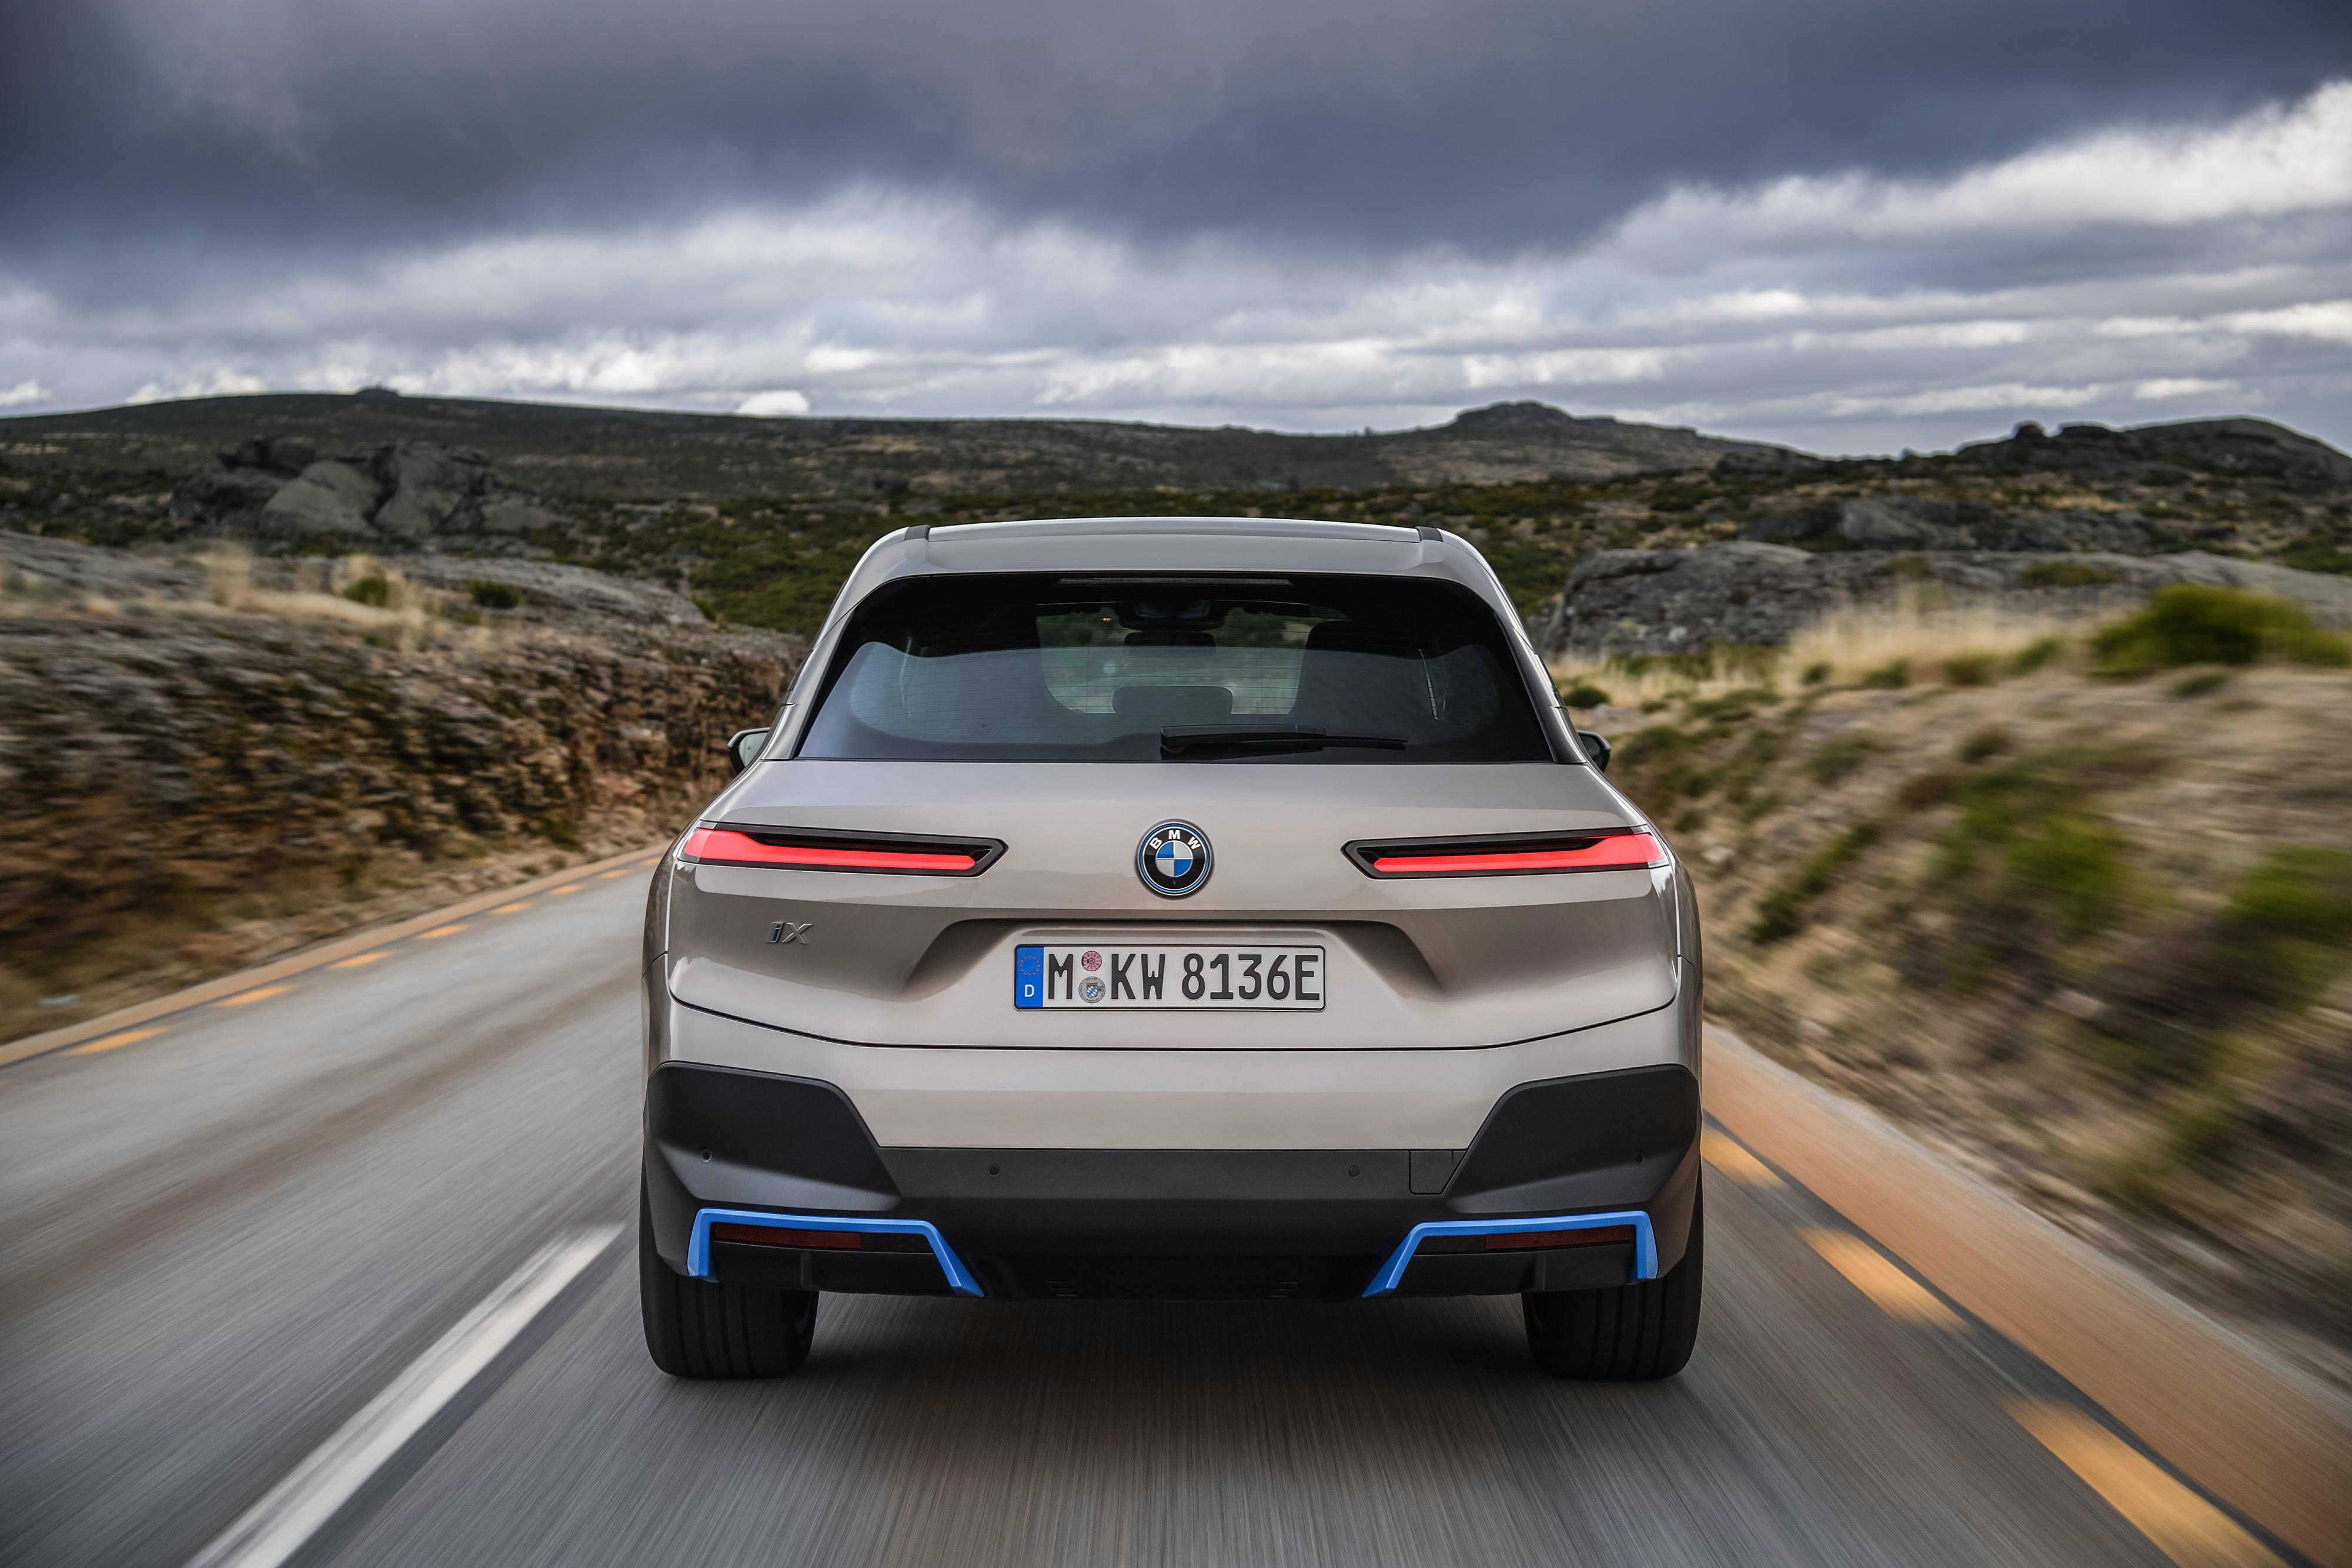 创新纯电动BMW iX迎来全球首秀